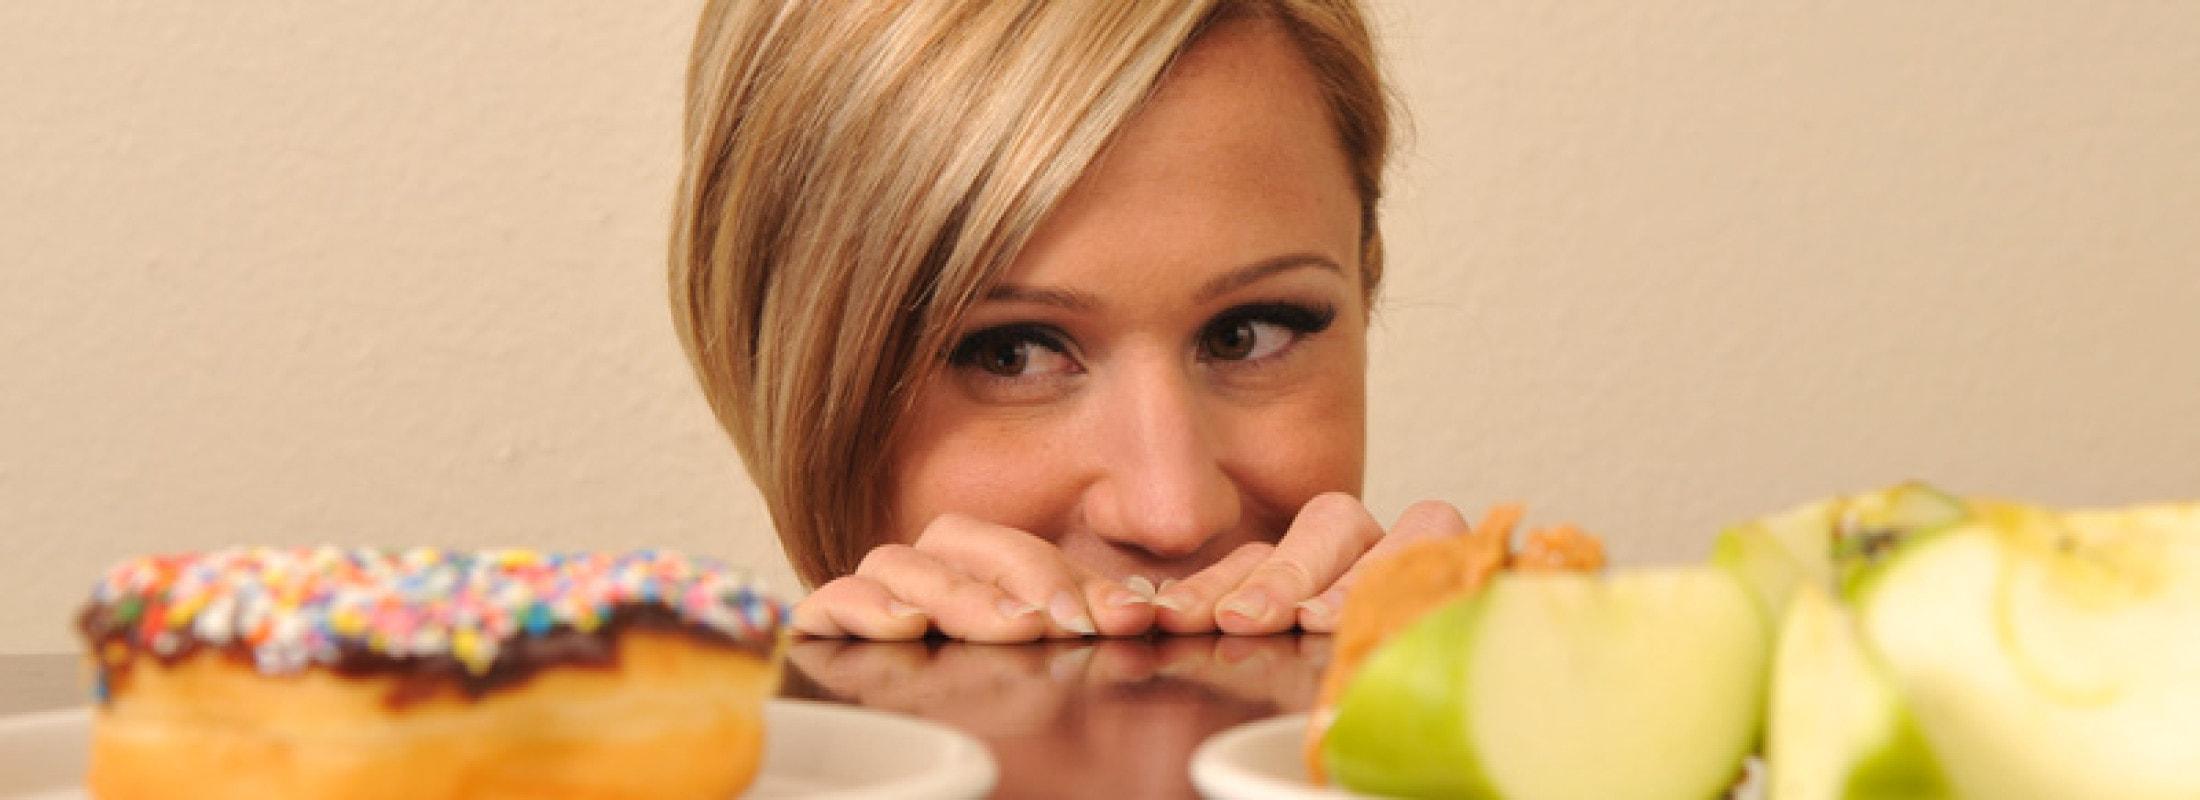 дневник питания для похудения онлайн